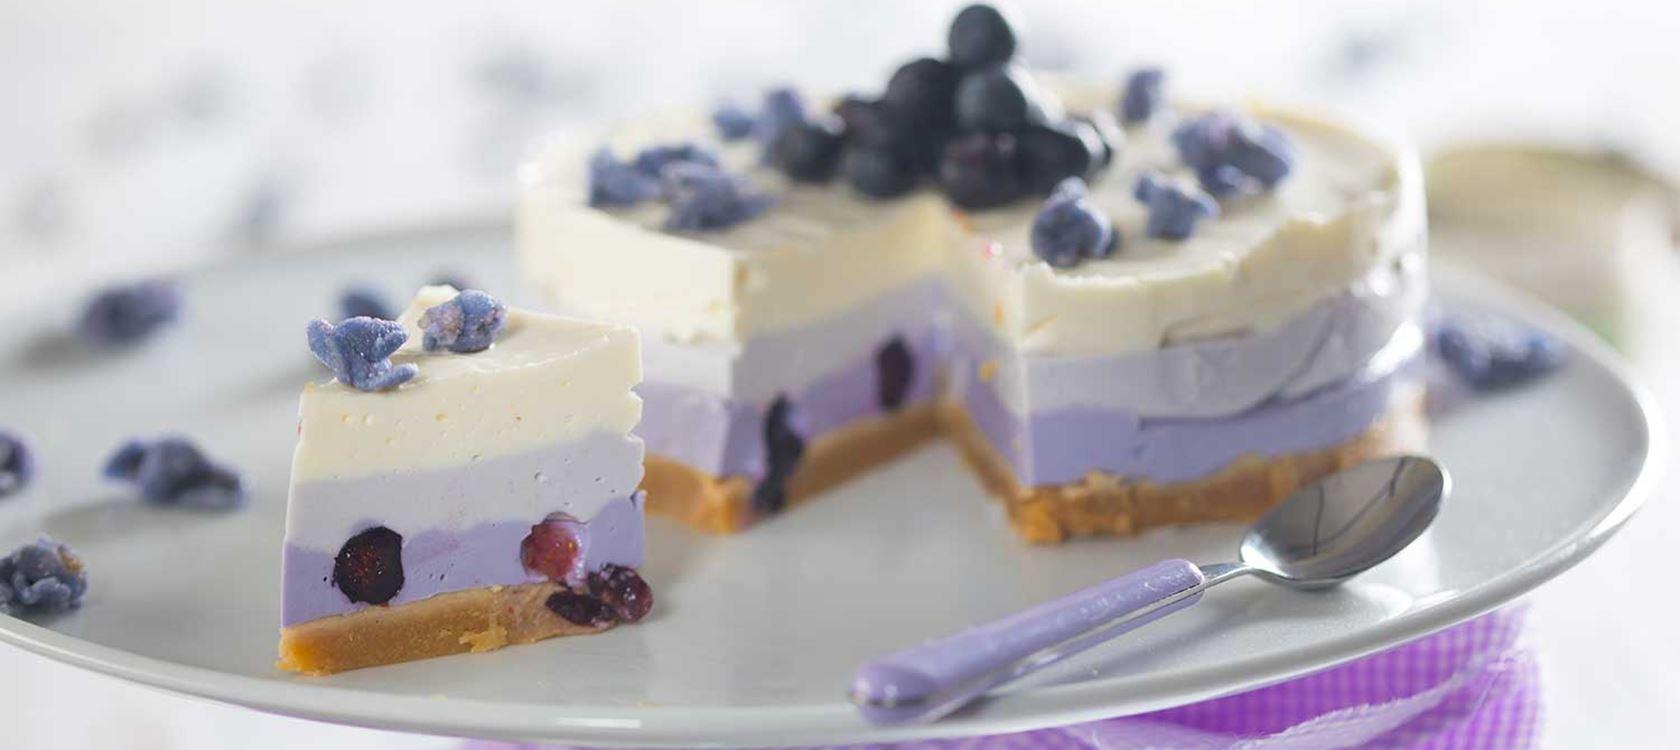 Πολύχρωμο cheesecake με μύρτιλα